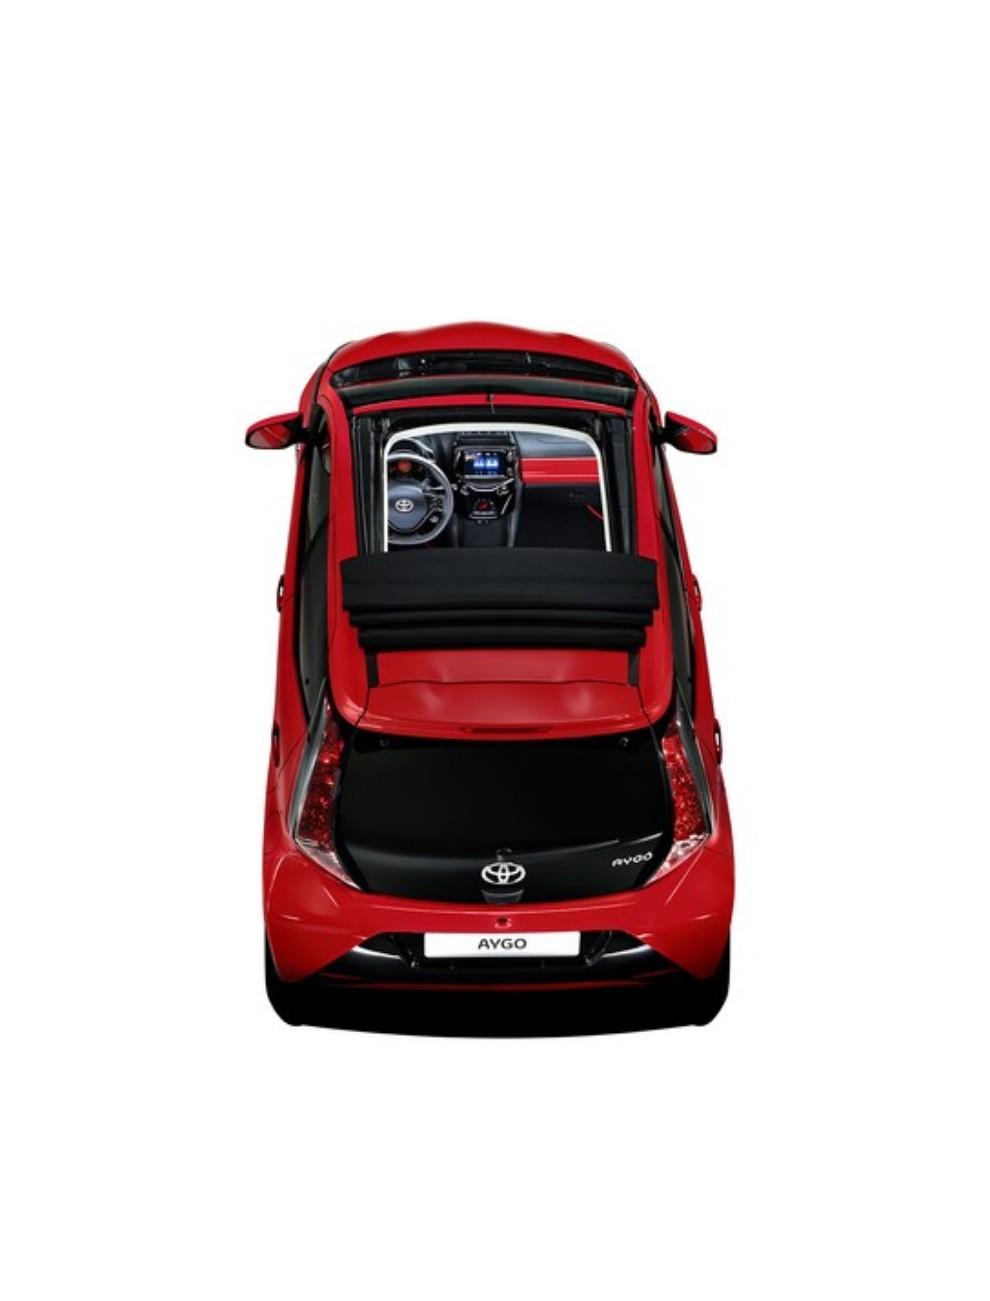 Nuova Toyota Aygo Cabrio X-Wave da 14.050 euro - Foto 2 di 2